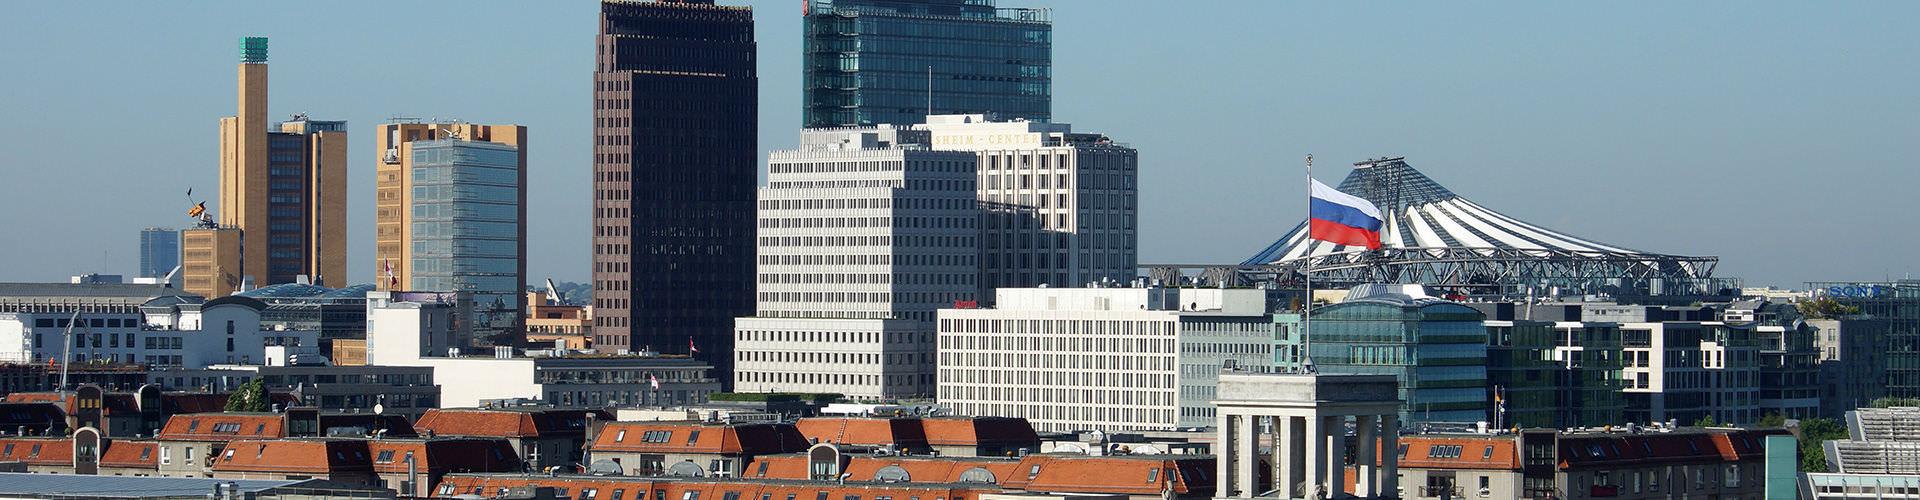 Berlín - Habitaciones cerca a Potsdamer Platz. Mapas de Berlín, Fotos y comentarios de cada Habitación en Berlín.